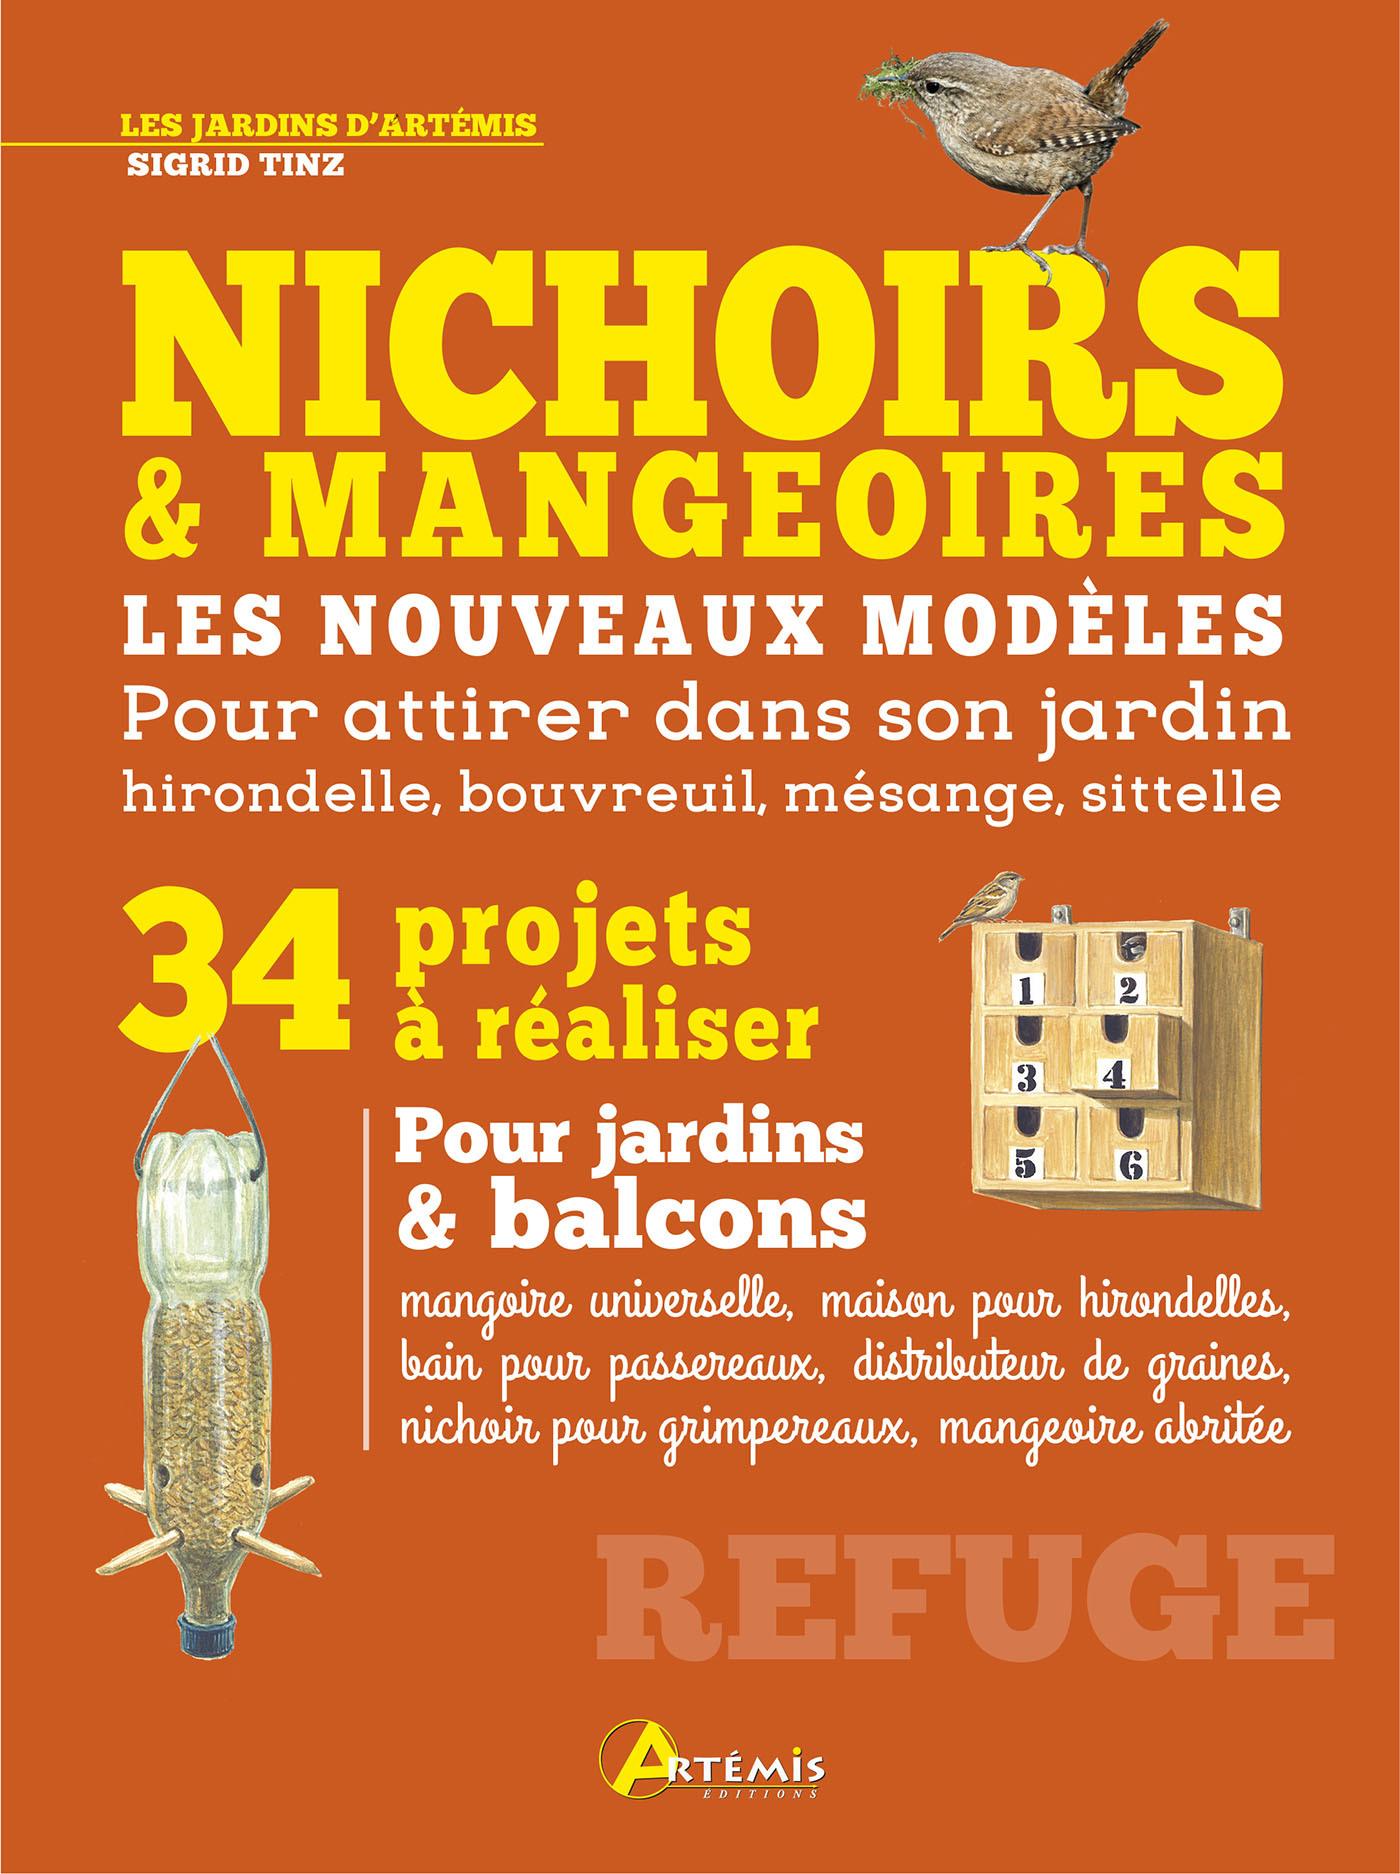 NICHOIRS & MANGEOIRES, NOUVEAUX MODELES